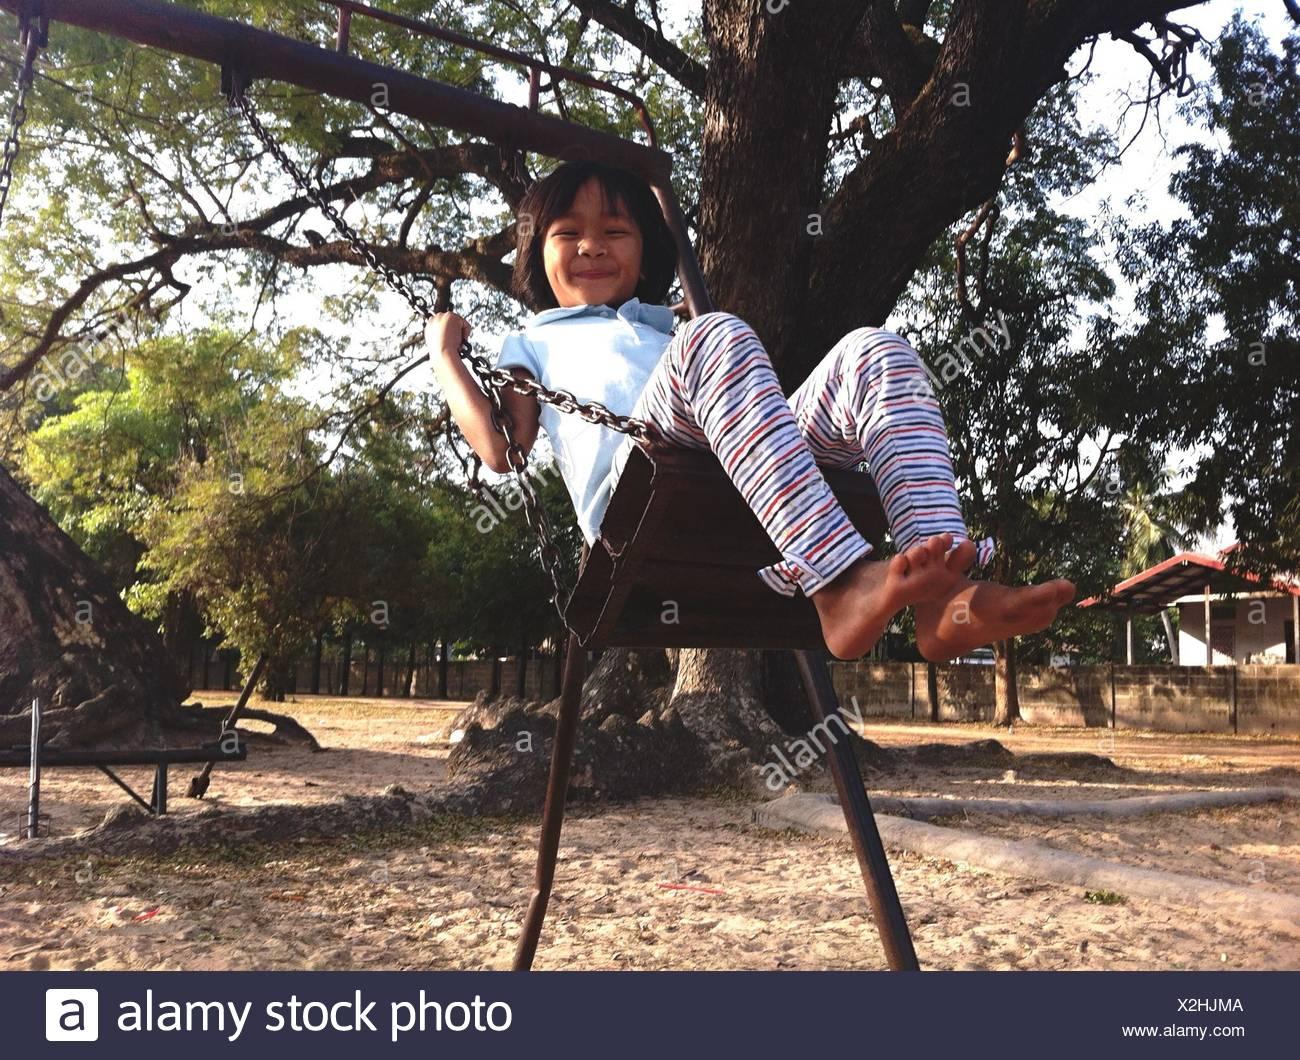 Chica balanceándose en la cadena Swing Ride y sonriente Imagen De Stock